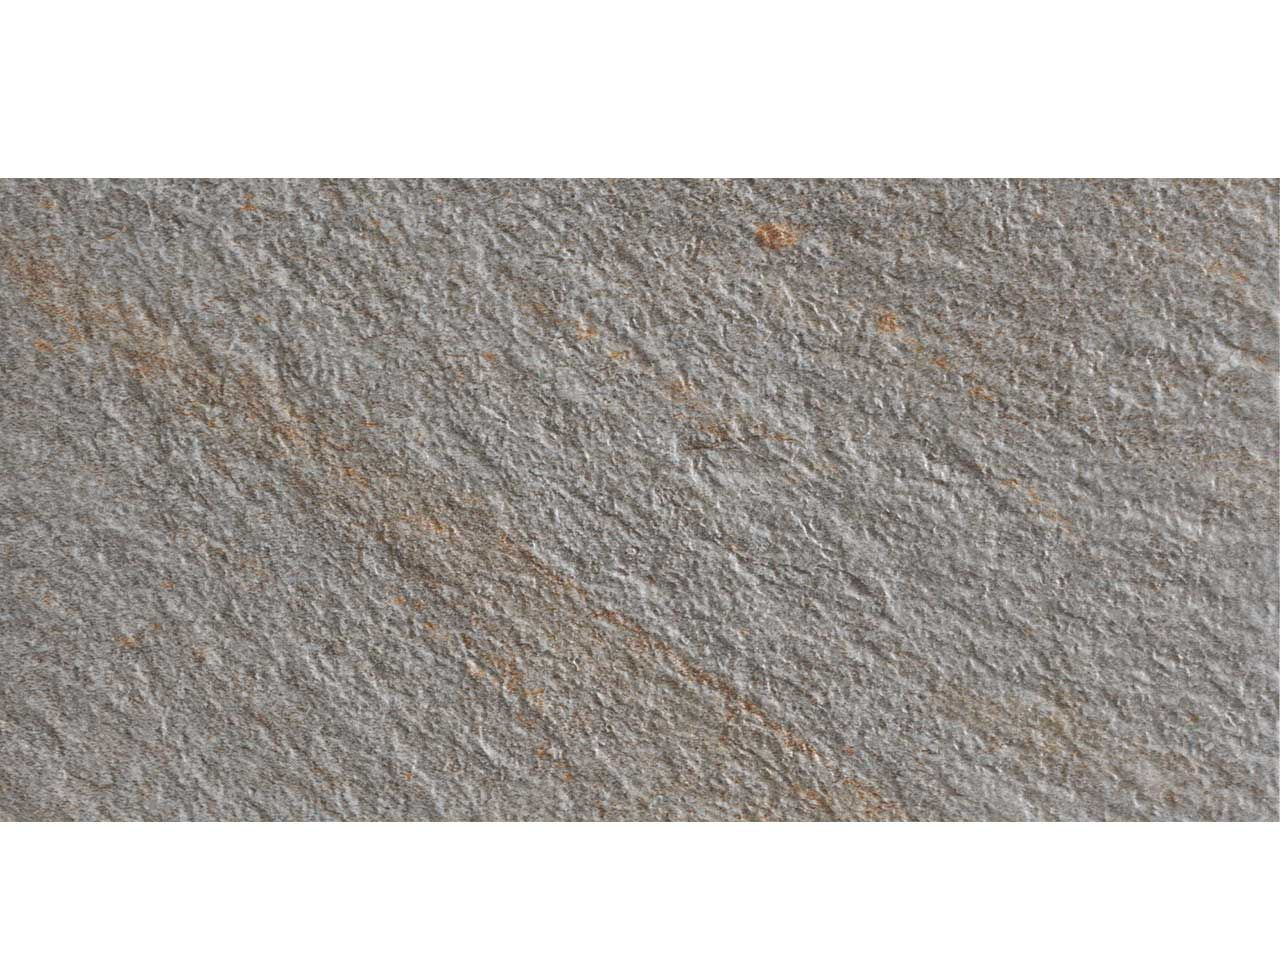 Pavimento Esterno Grigio : Gres porcellanato per esterno varana grigio formato